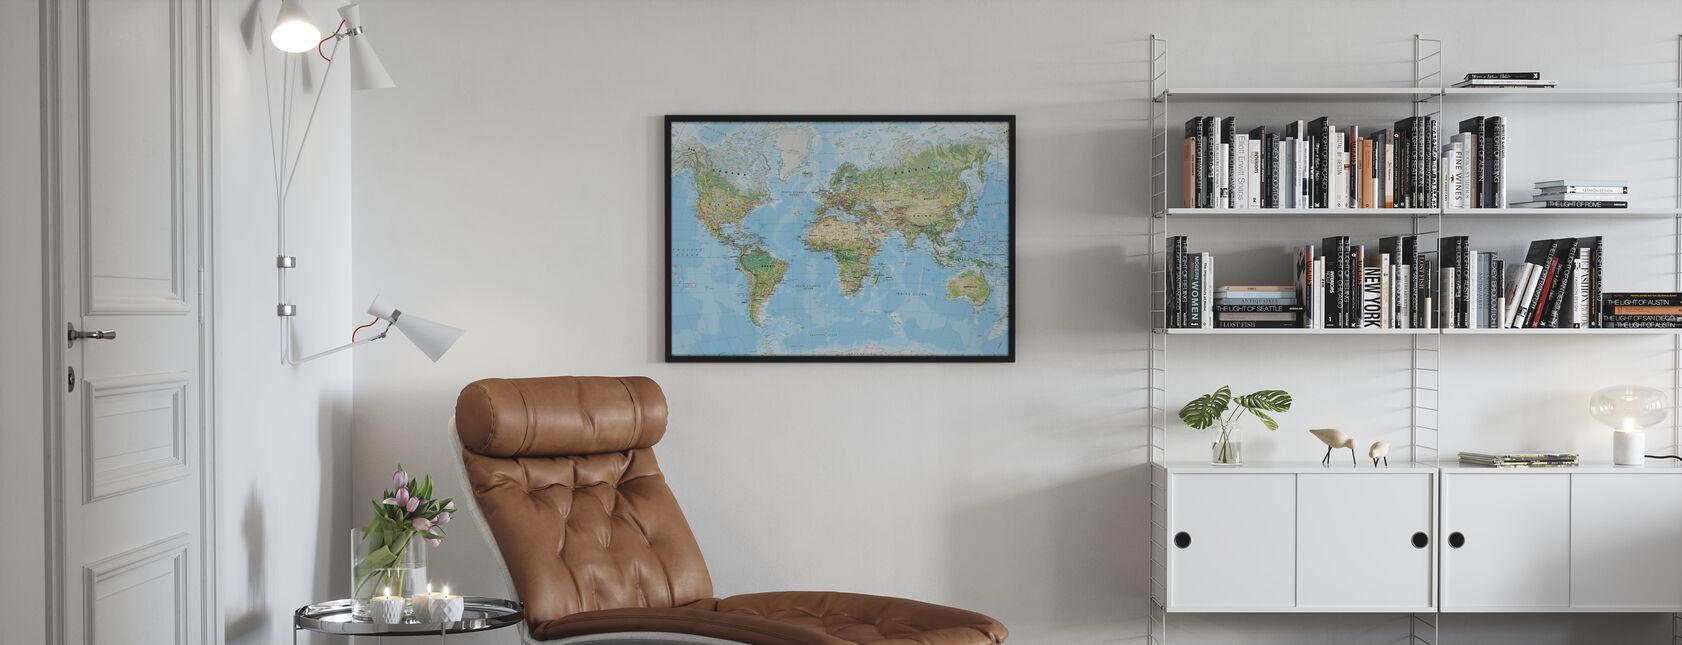 Verdenskort - Indrammet billede - Stue